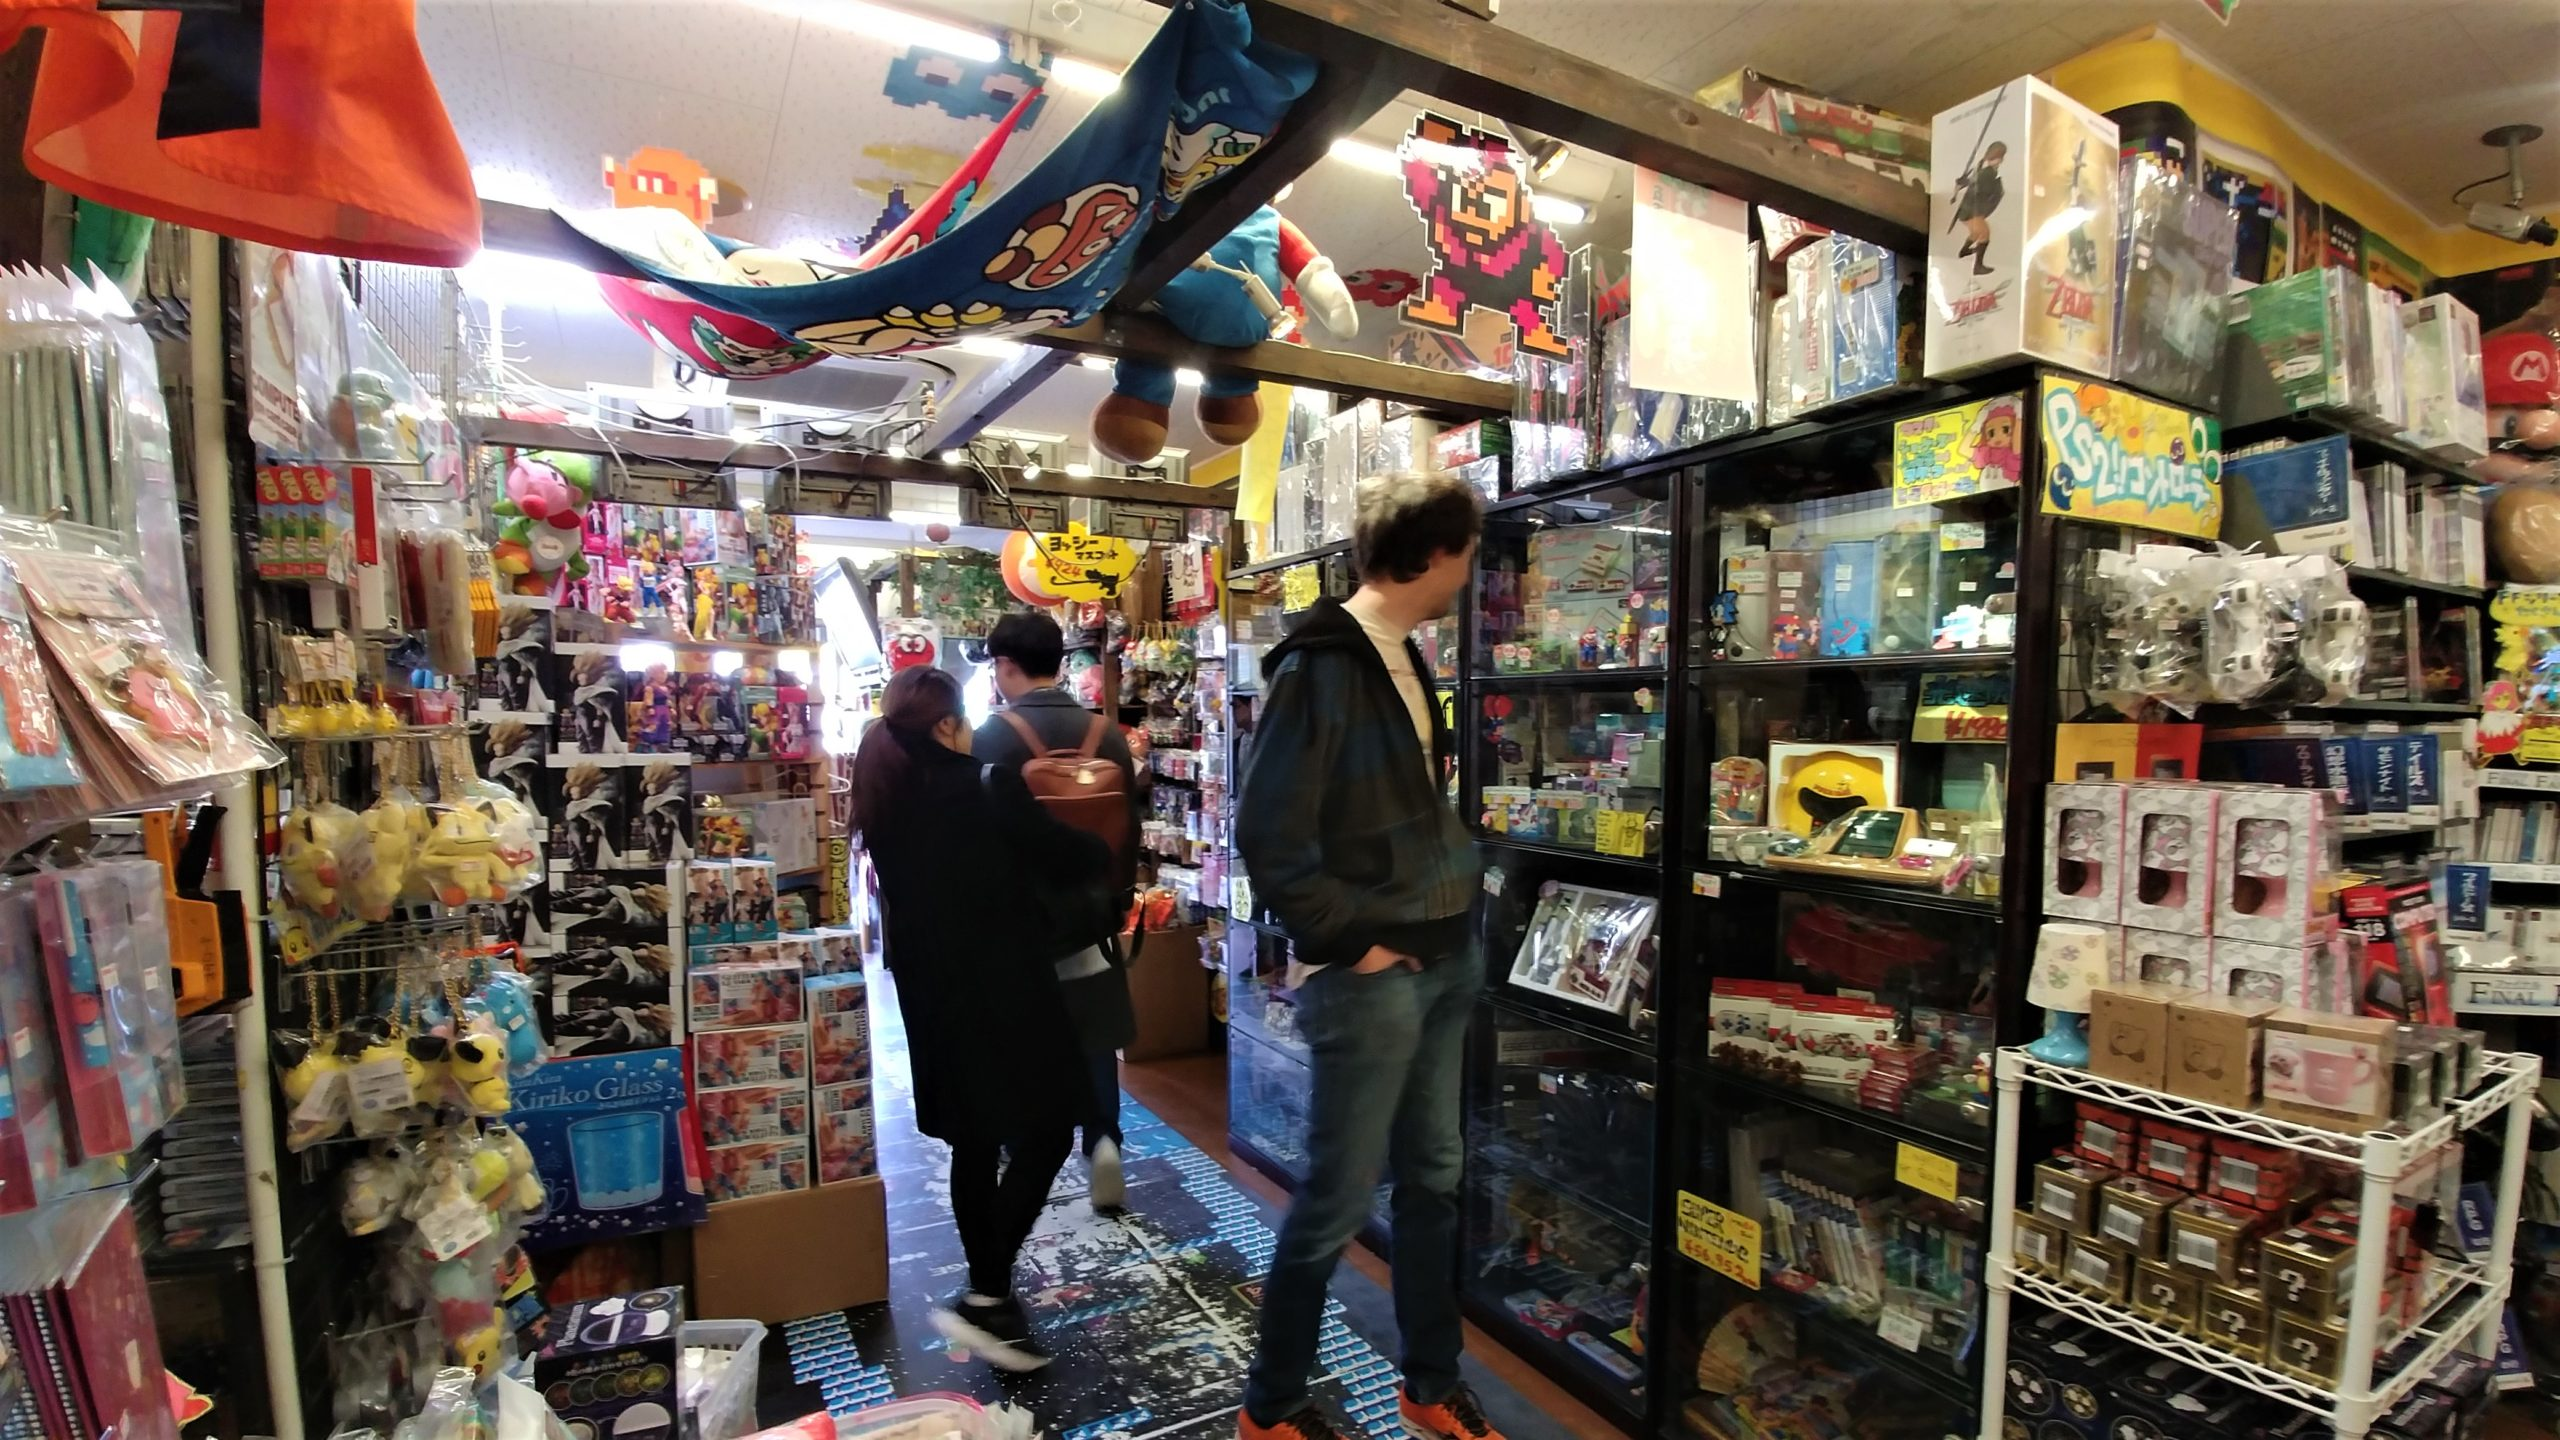 osaka dendentown visiter otaku mangas blog voyage japon arpenter le chemin